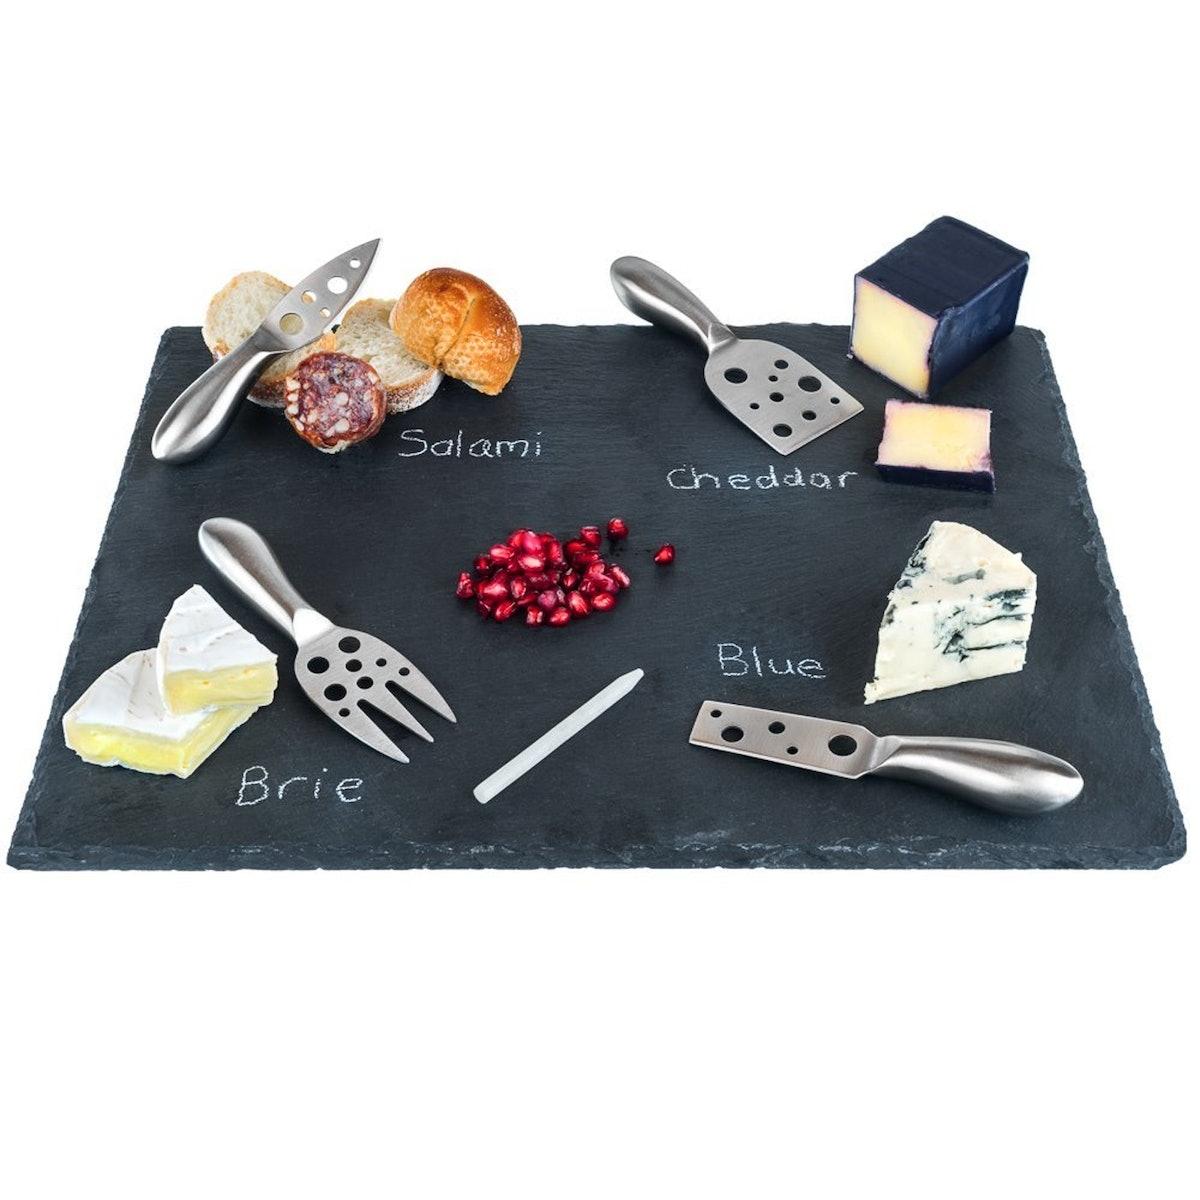 Large Slate Cheese Board Set